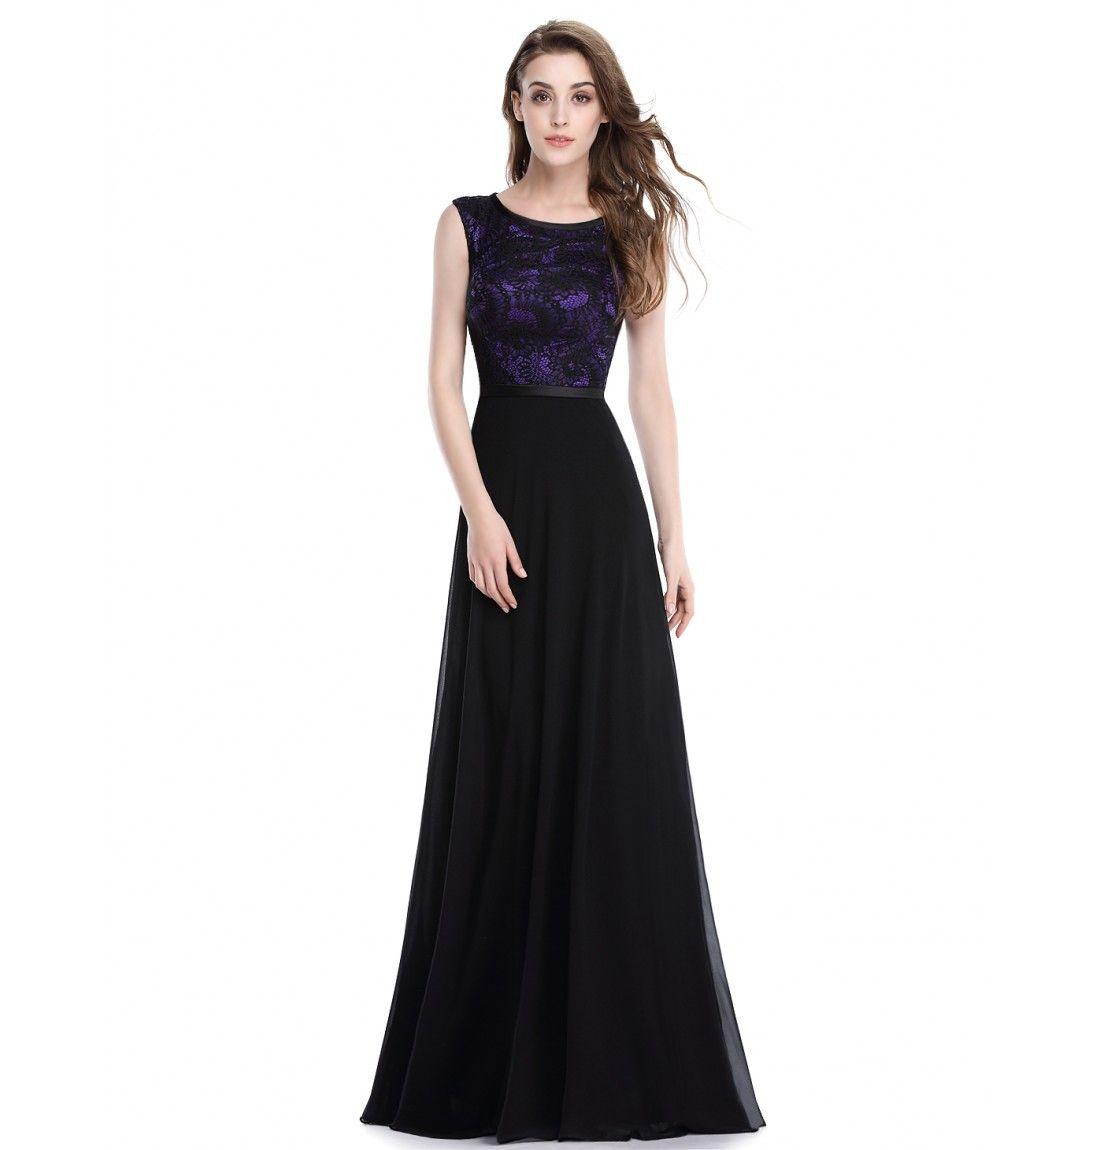 Wunderbar Abendkleider Perth Galerie - Brautkleider Ideen - cashingy ...